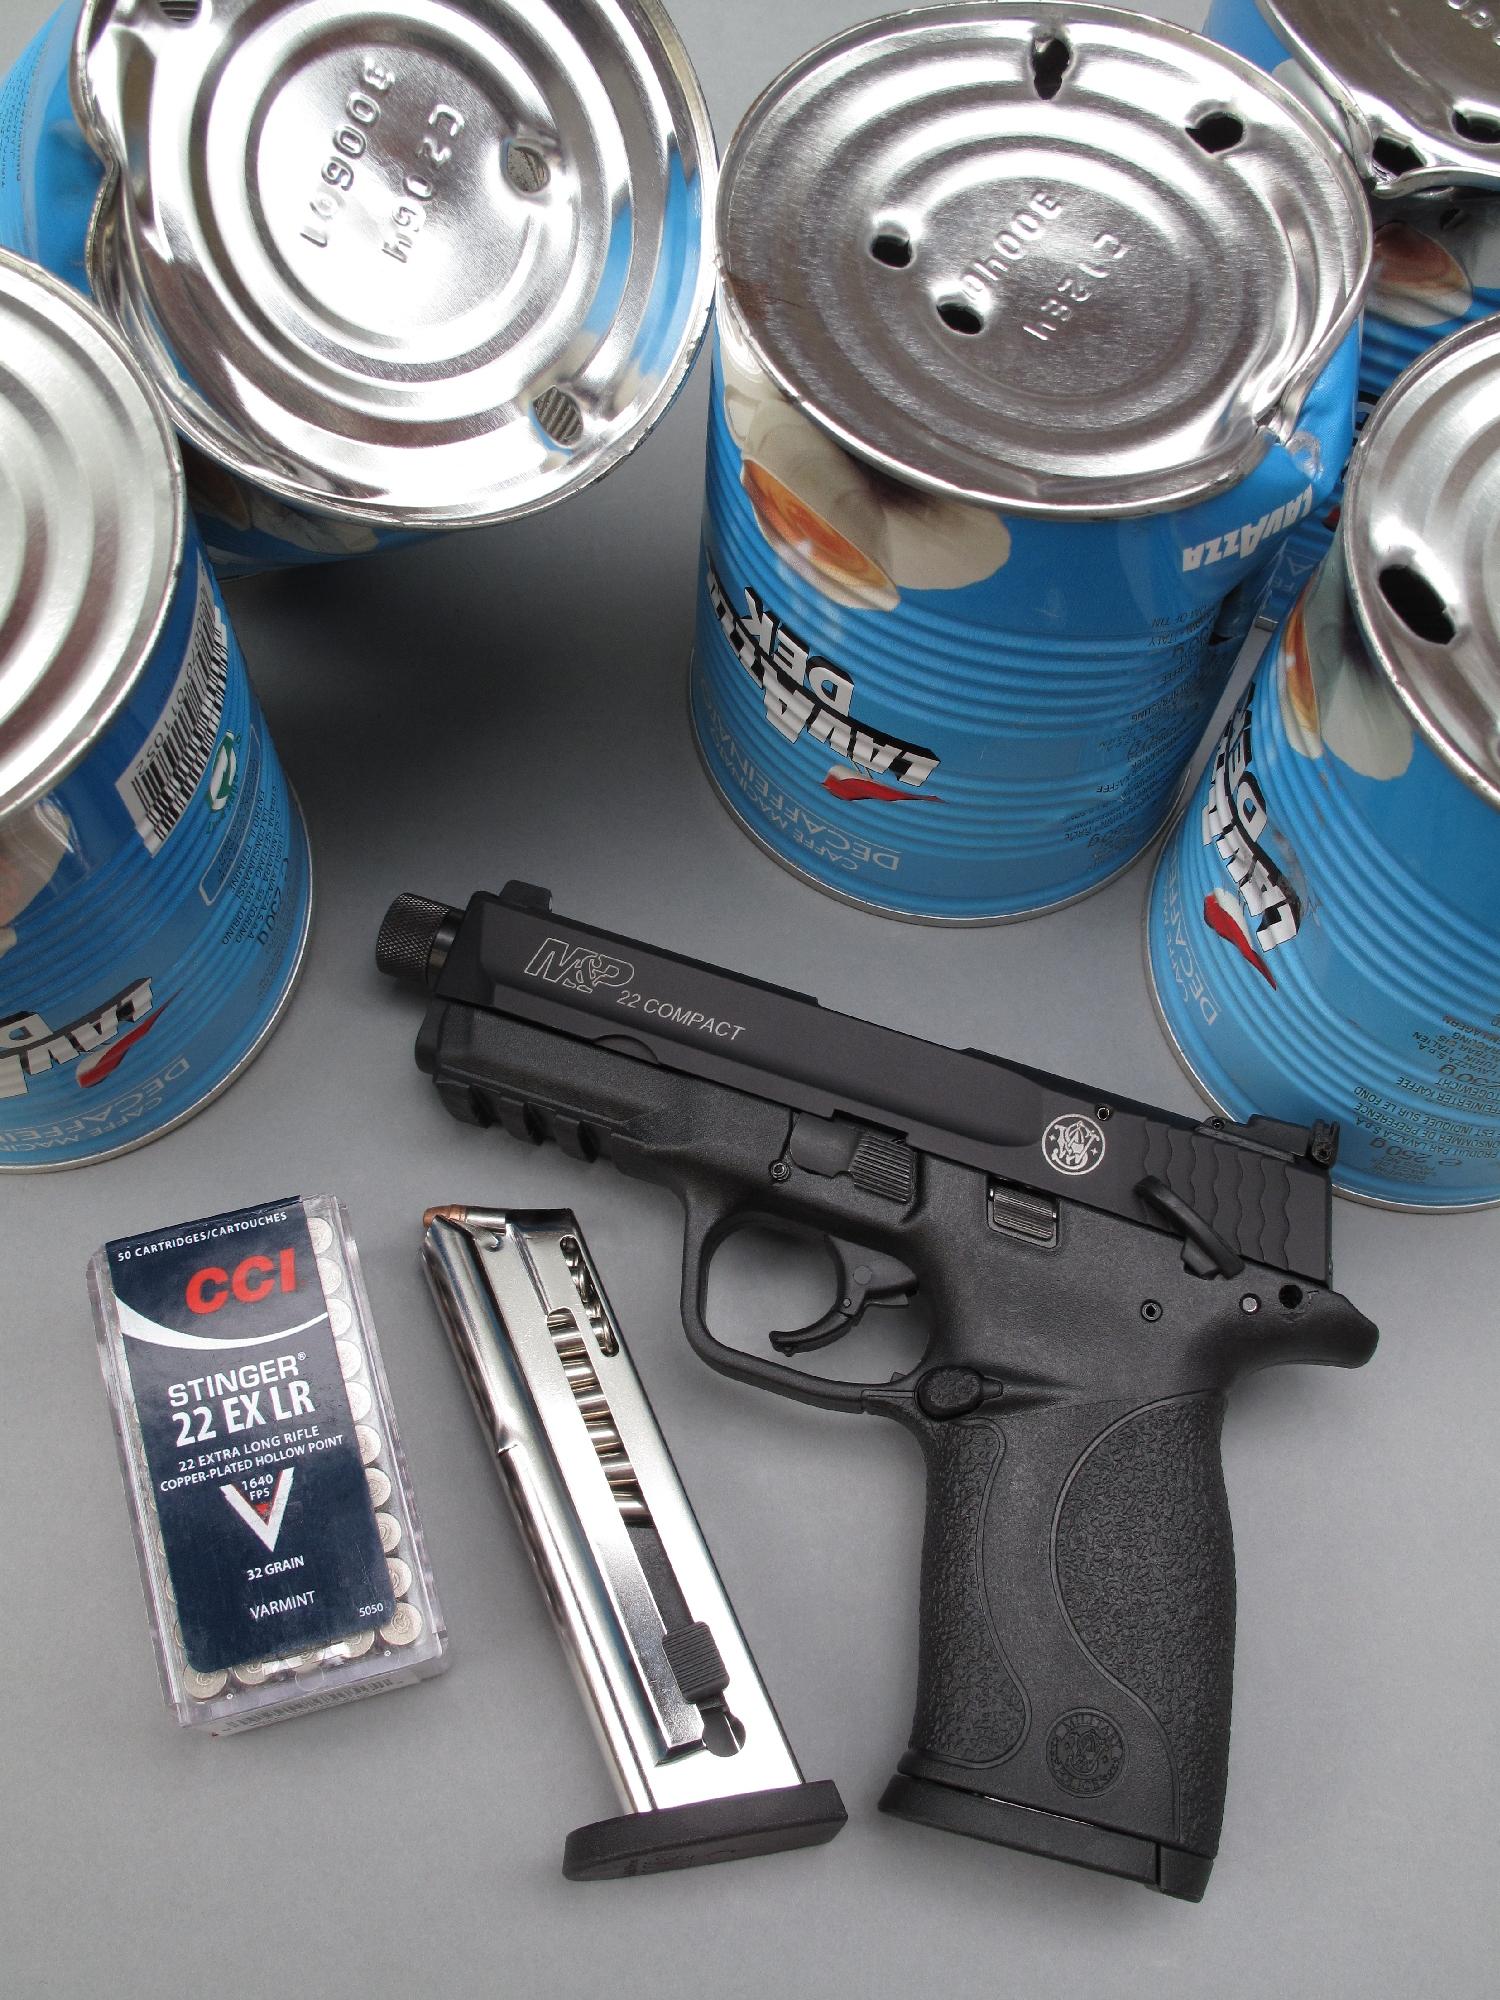 Le S&W M&P 22 Compact est un pistolet semi-automatique de calibre .22 Long Rifle particulièrement bien adapté au tir de loisir de type « Plinking ».